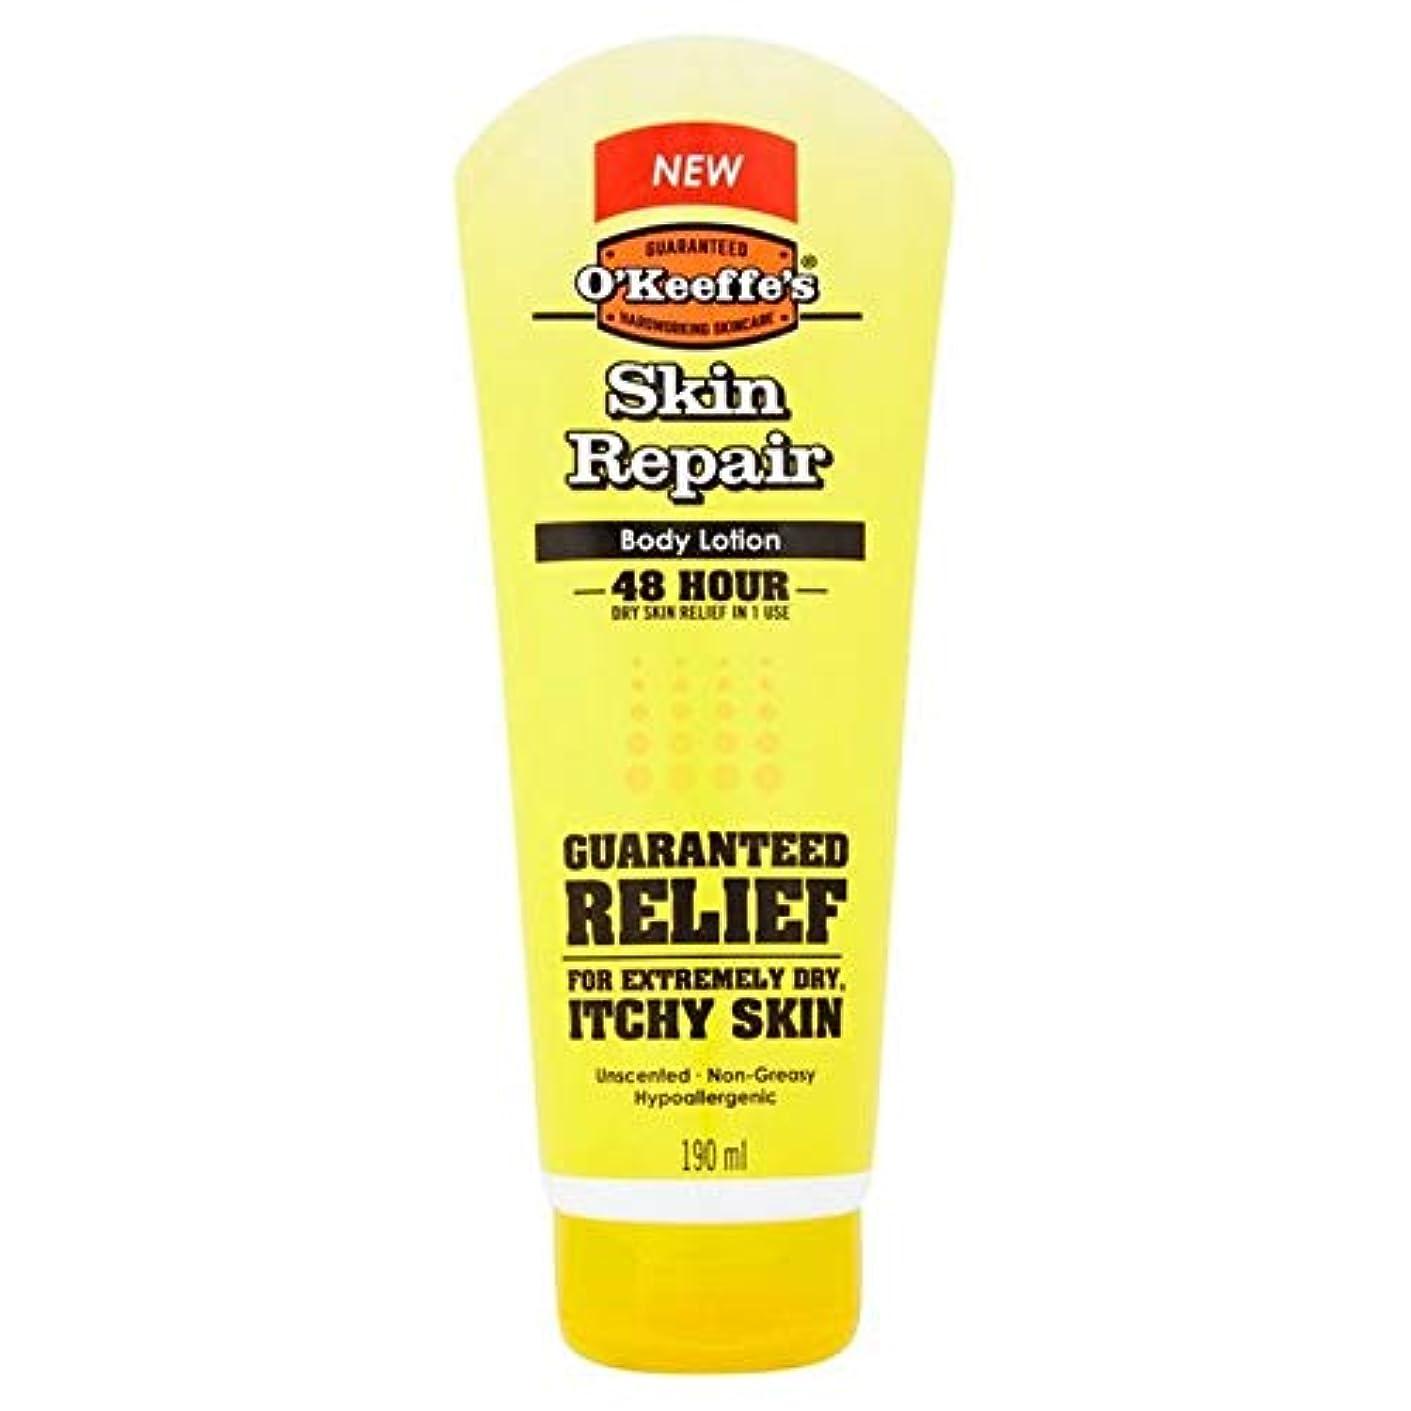 愛情深い並外れて申し込む[O'Keeffes] オキーフの皮膚の修復管190ミリリットル - O'Keeffe's Skin Repair Tube 190ml [並行輸入品]